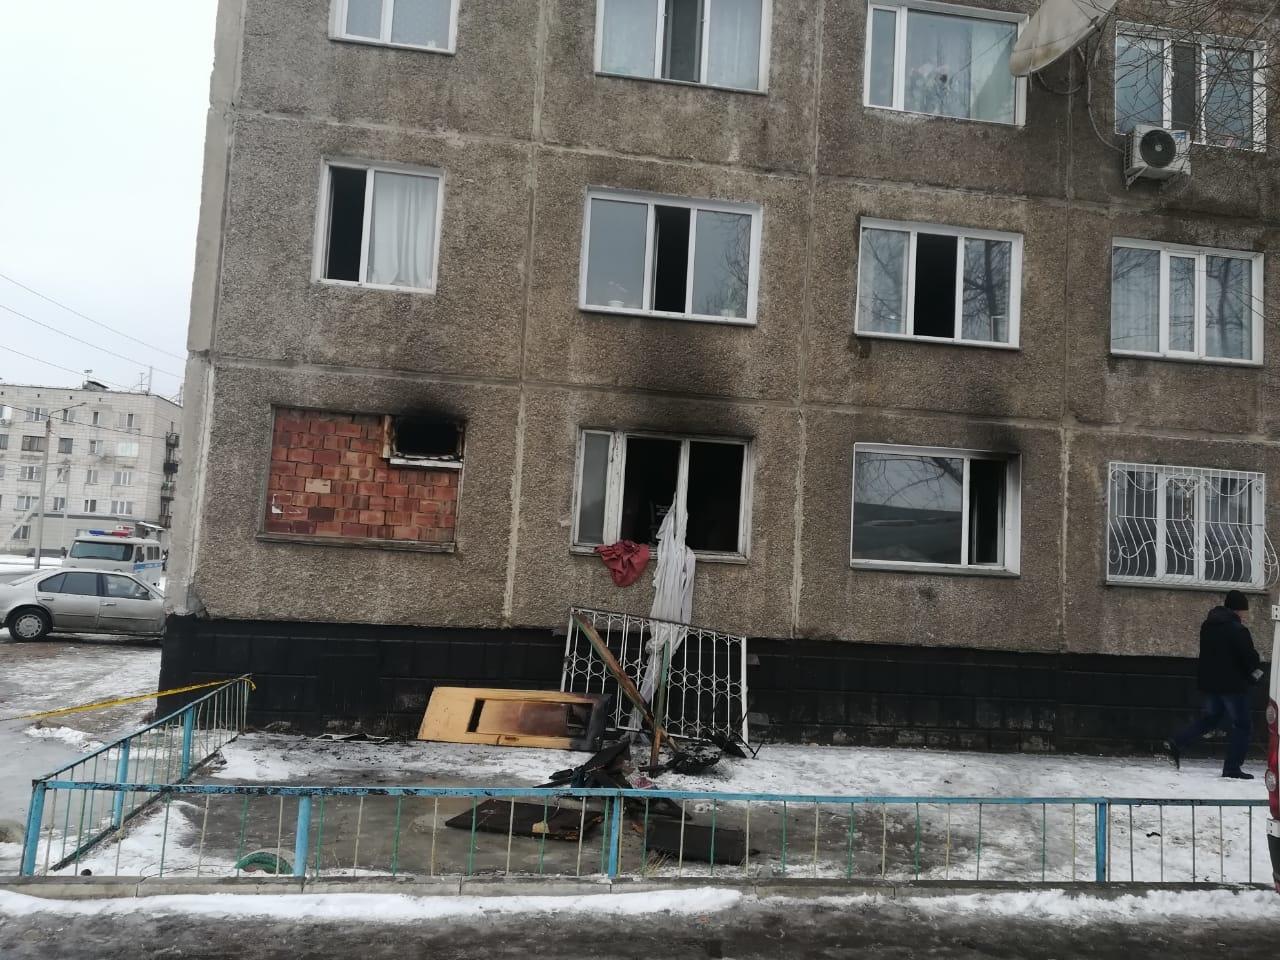 Взрыв прогремел в многоэтажке Павлодара